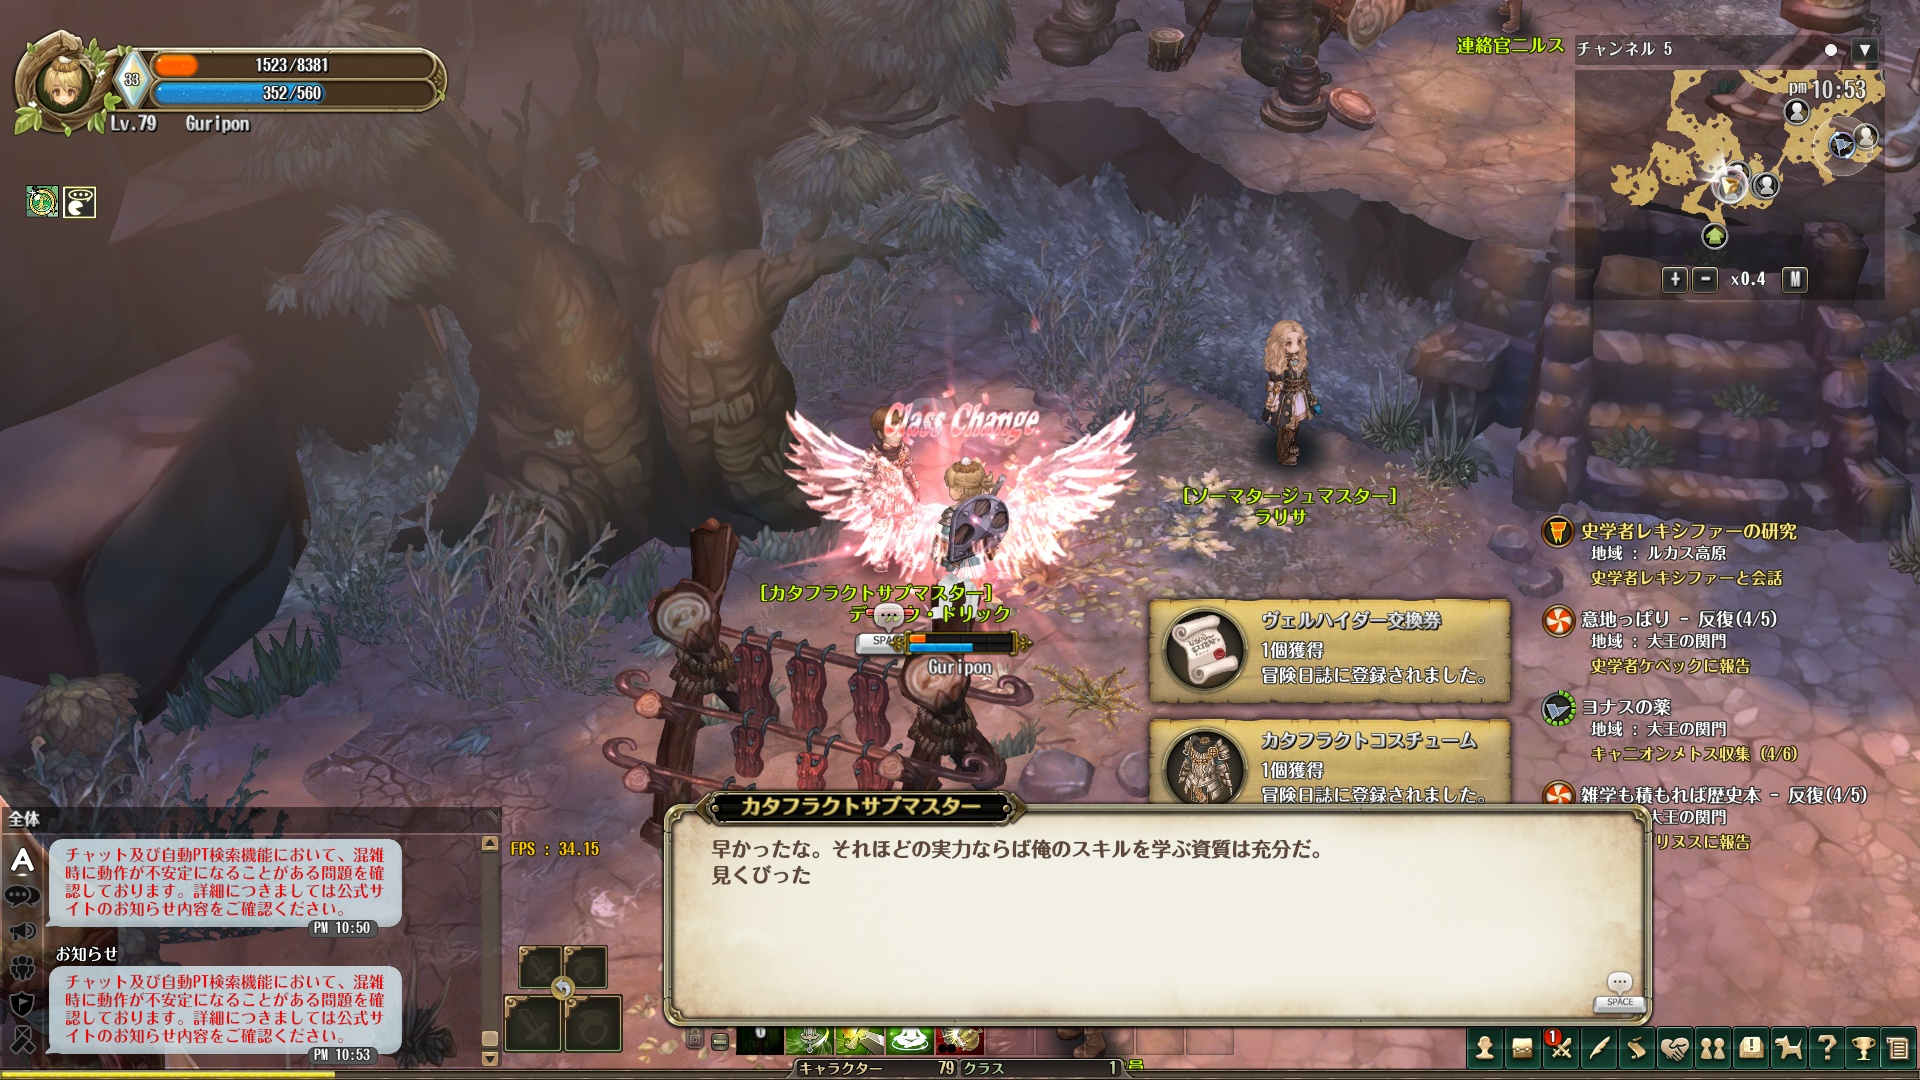 screenshot_20160902_00005.jpg